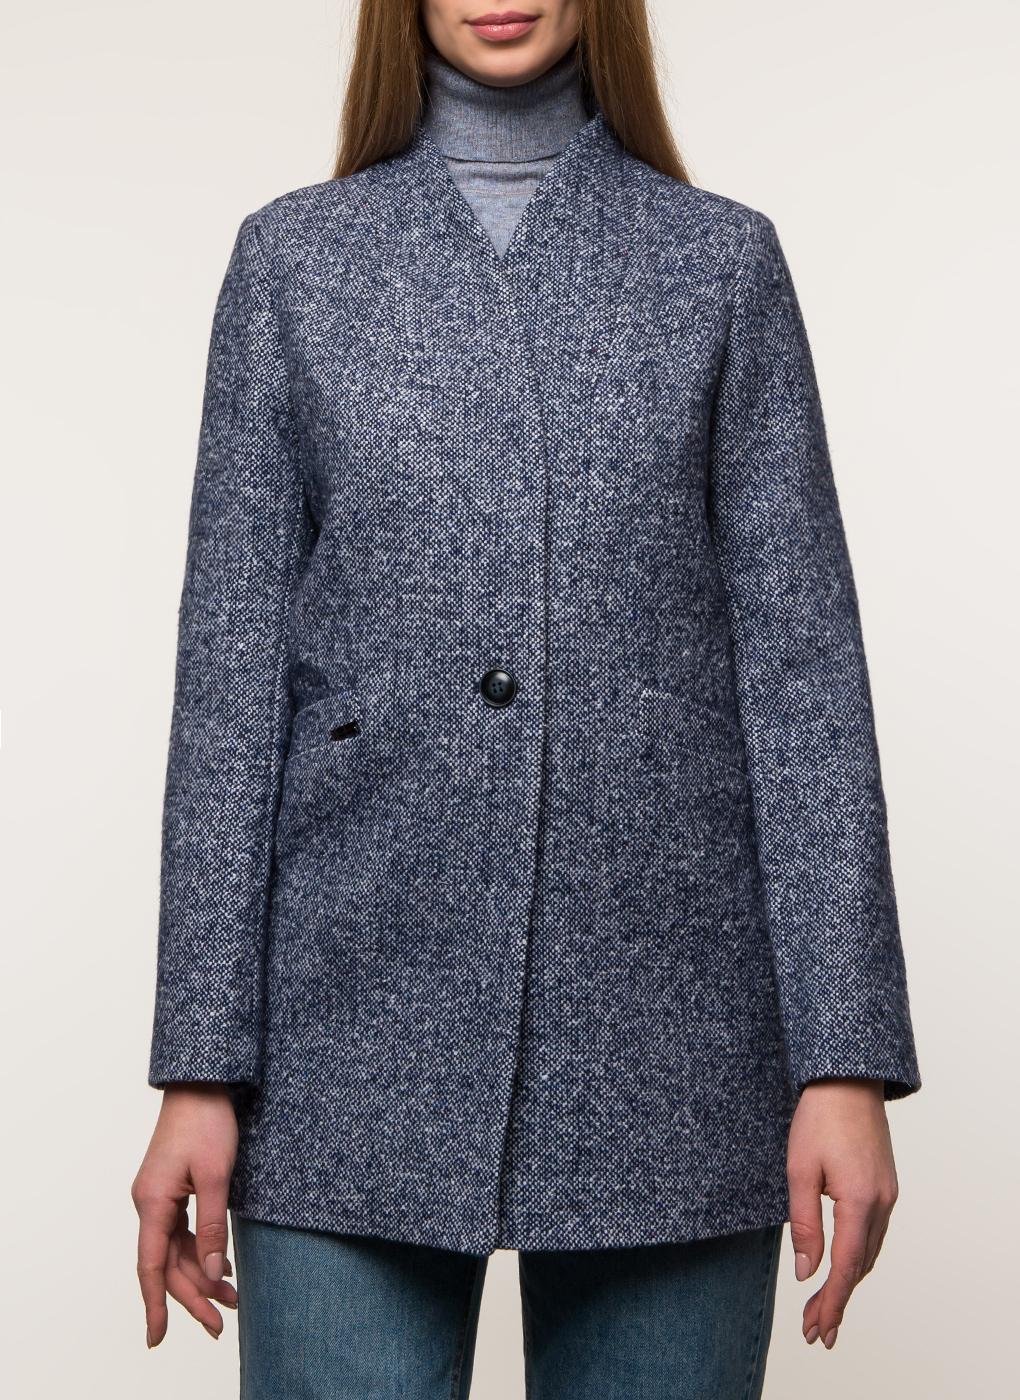 Пальто полушерстяное 35, Galla Lady фото